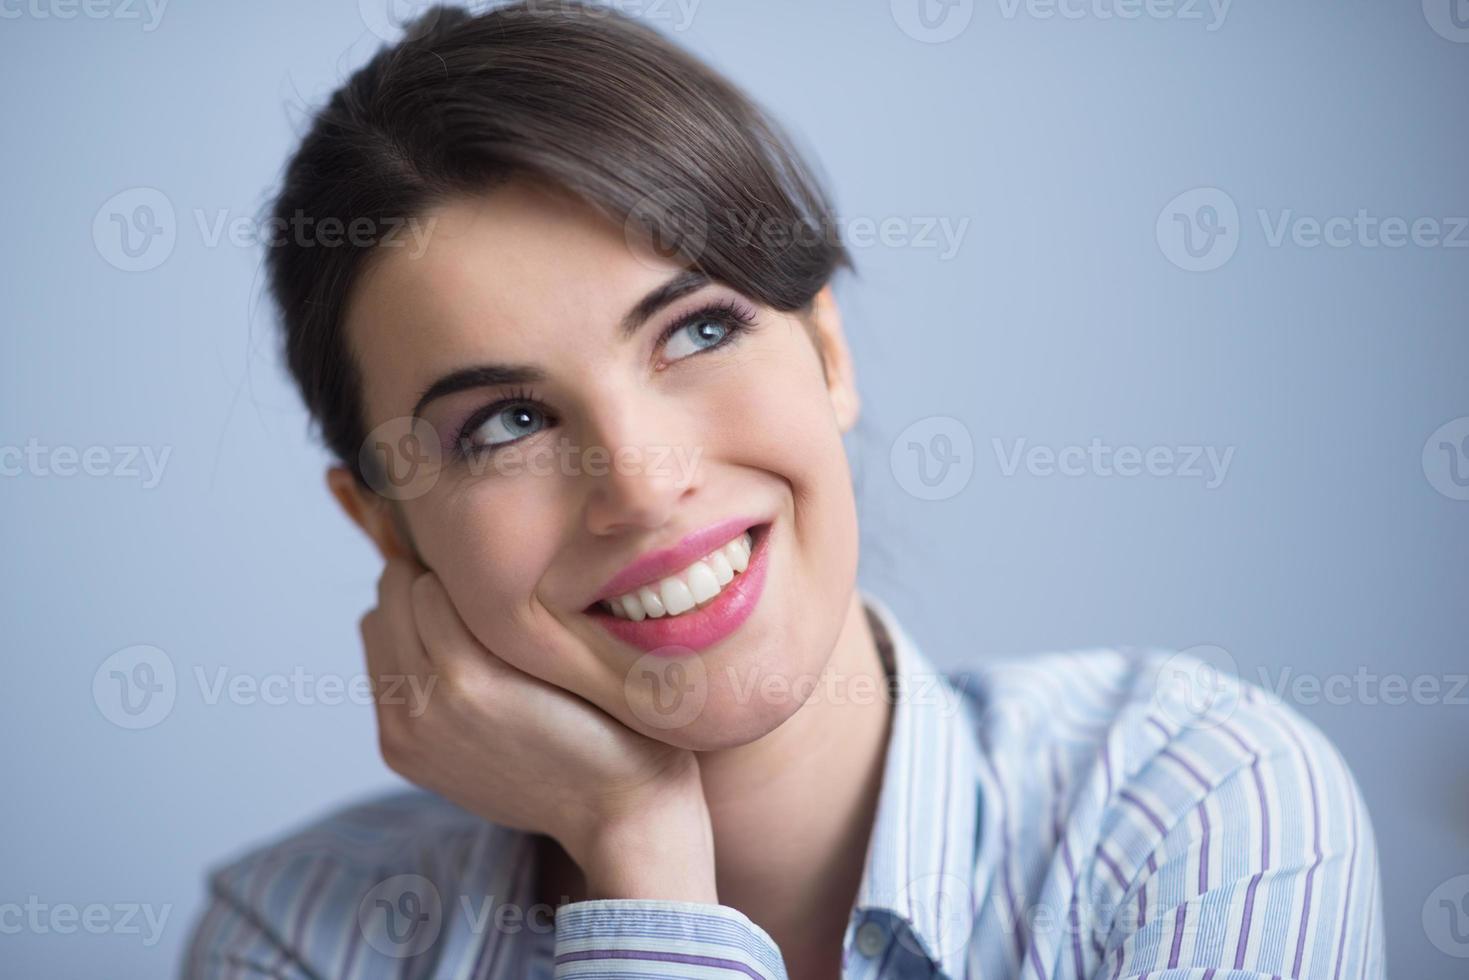 mooie glimlach foto